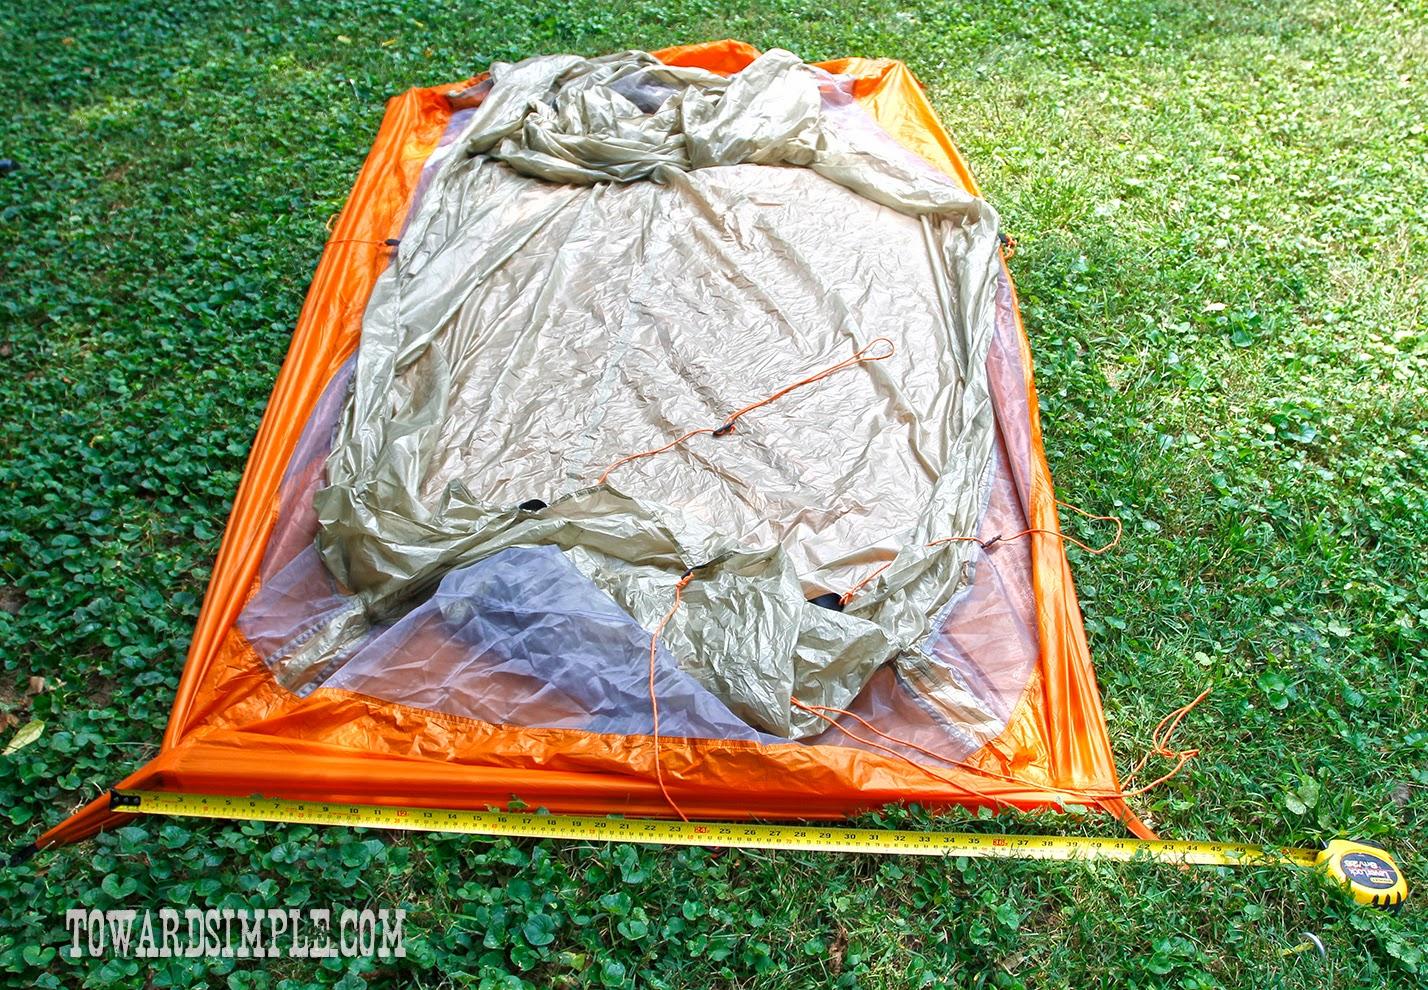 Measure tent perimeter for footprint